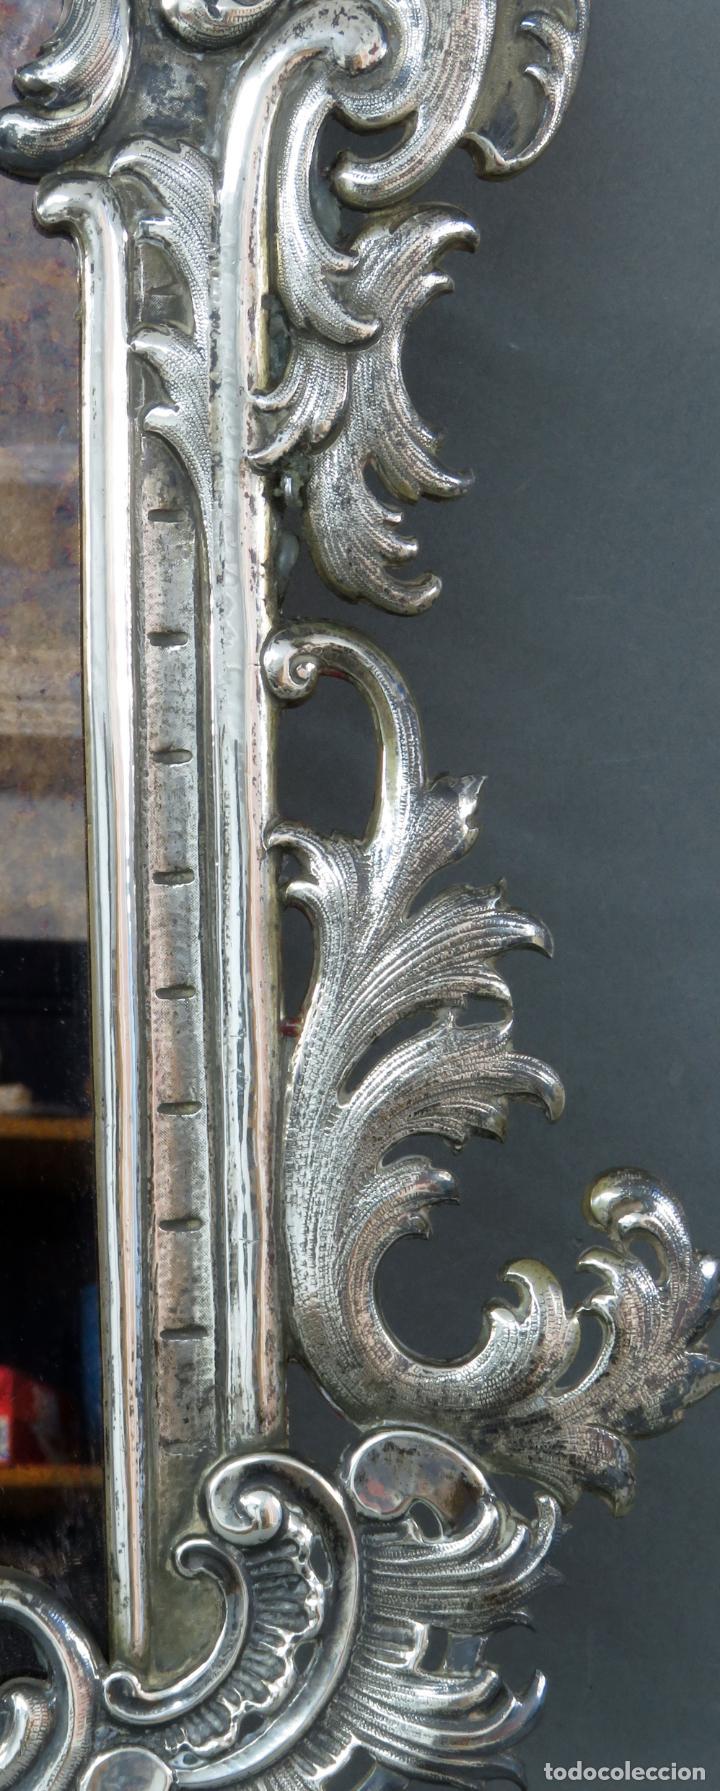 Antigüedades: Espejo con marco en plata cincelada con marcas platería Martinez hacia 1900 - Foto 3 - 194407070